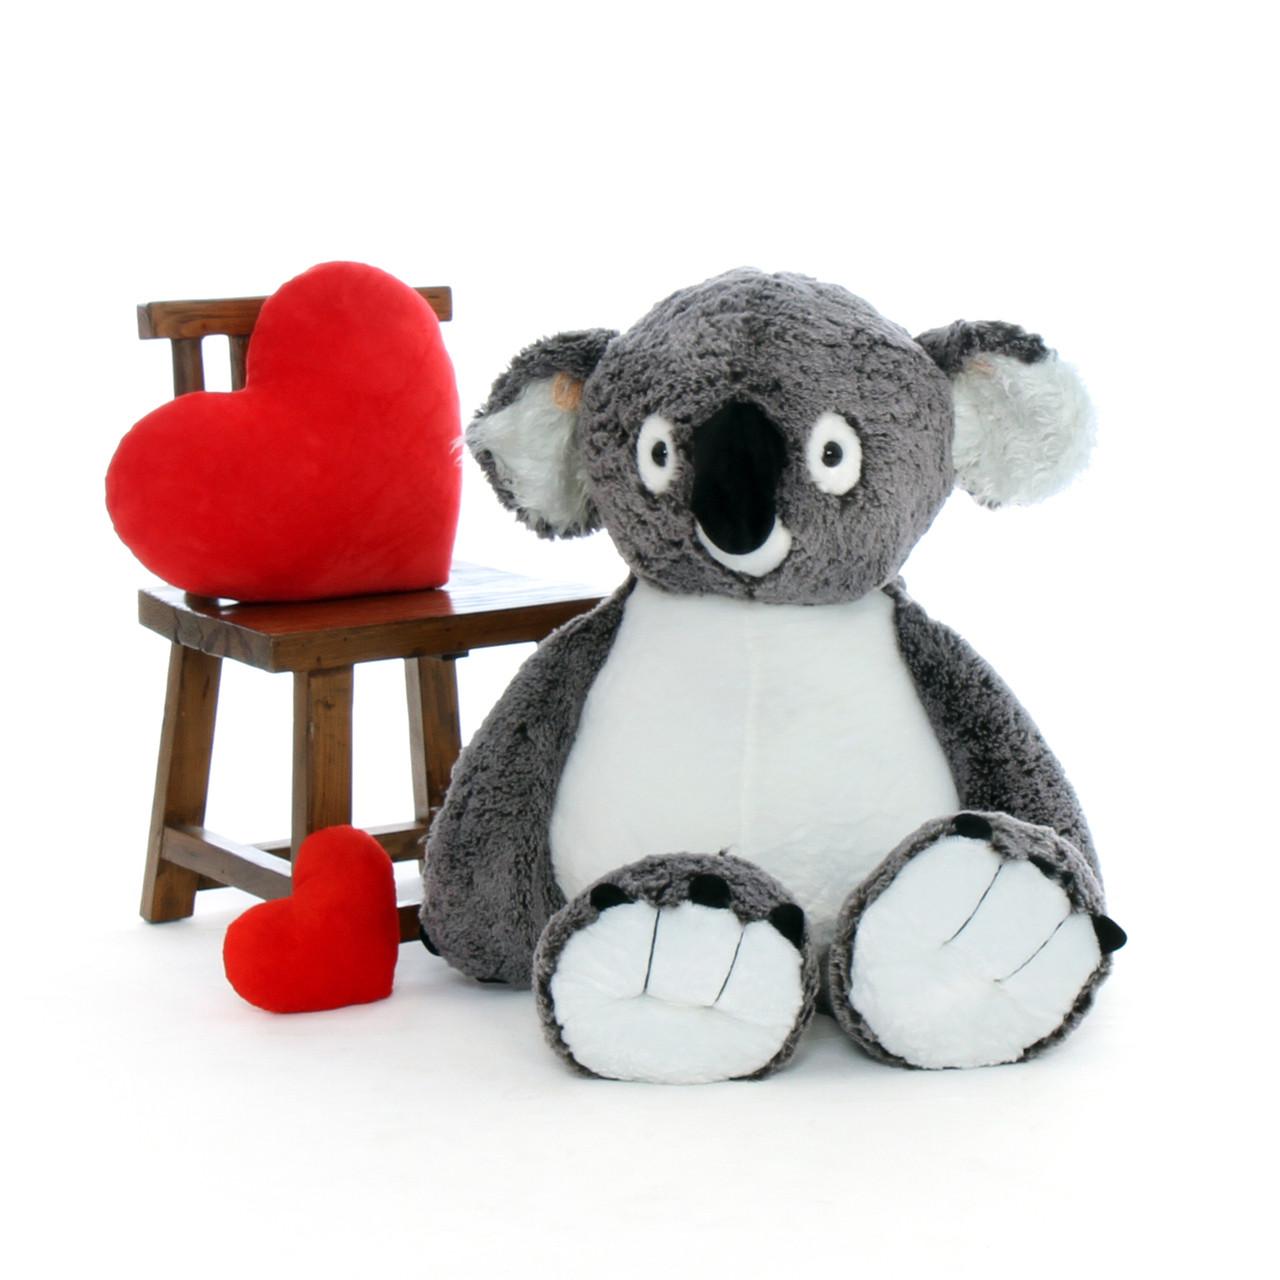 45in Life Size Stuffed Koala from Giant Teddy